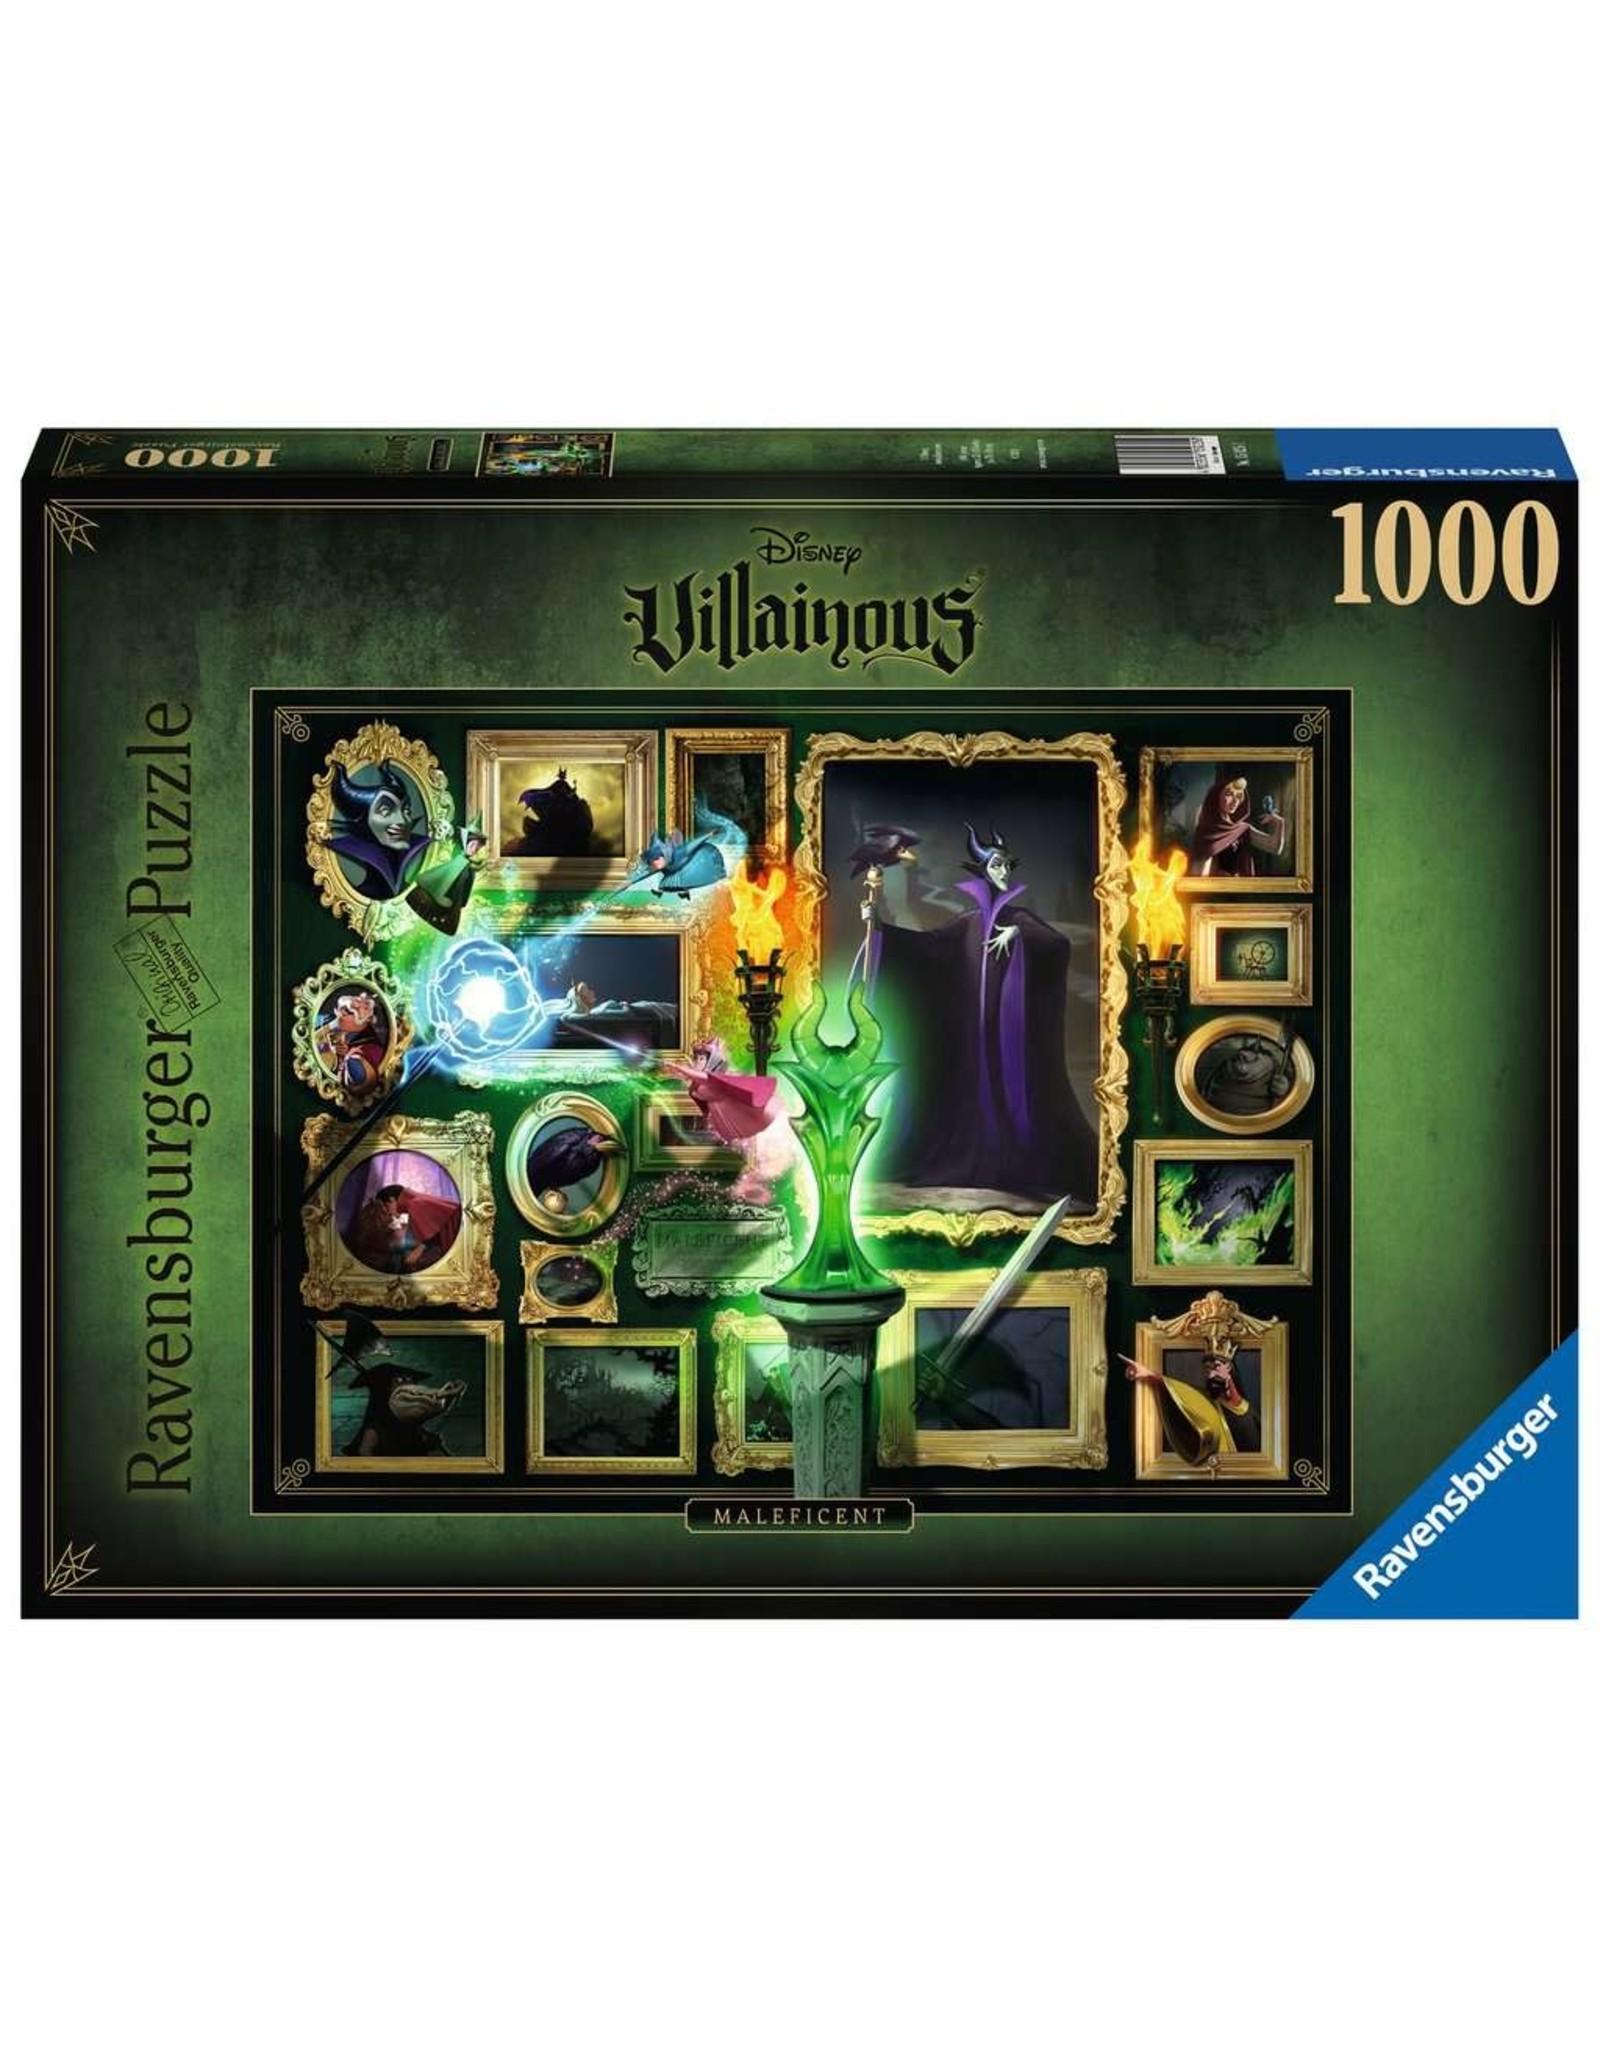 Ravensburger Villainous Maleficent 1000pc Puzzle